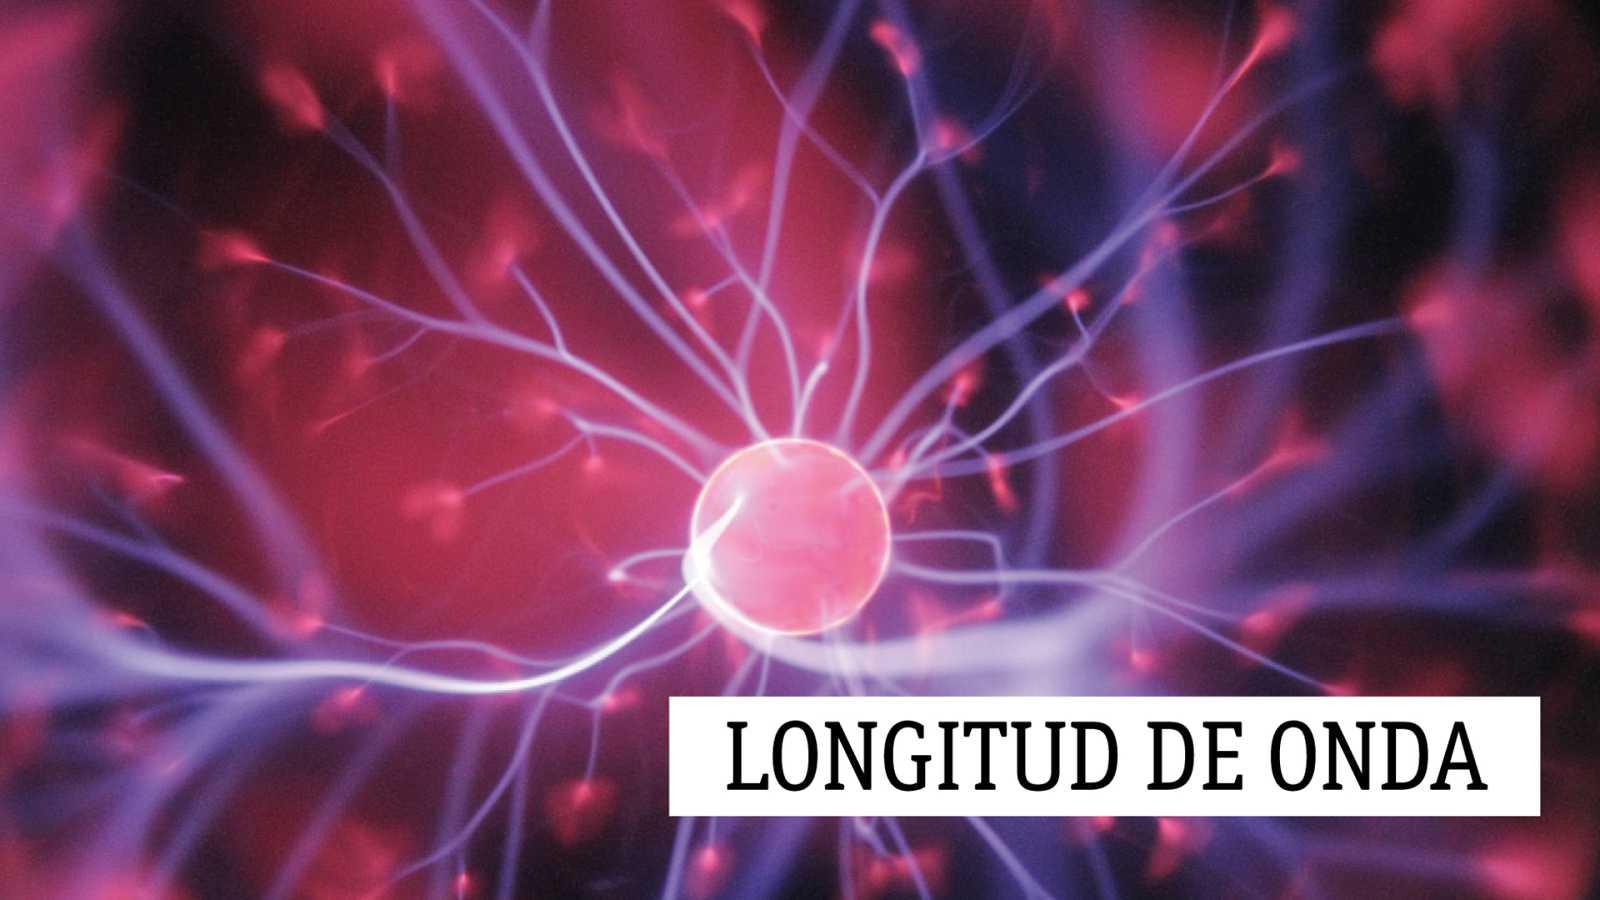 Longitud de onda - Menos ruido, más calidad de vida - 03/05/21 - escuchar ahora